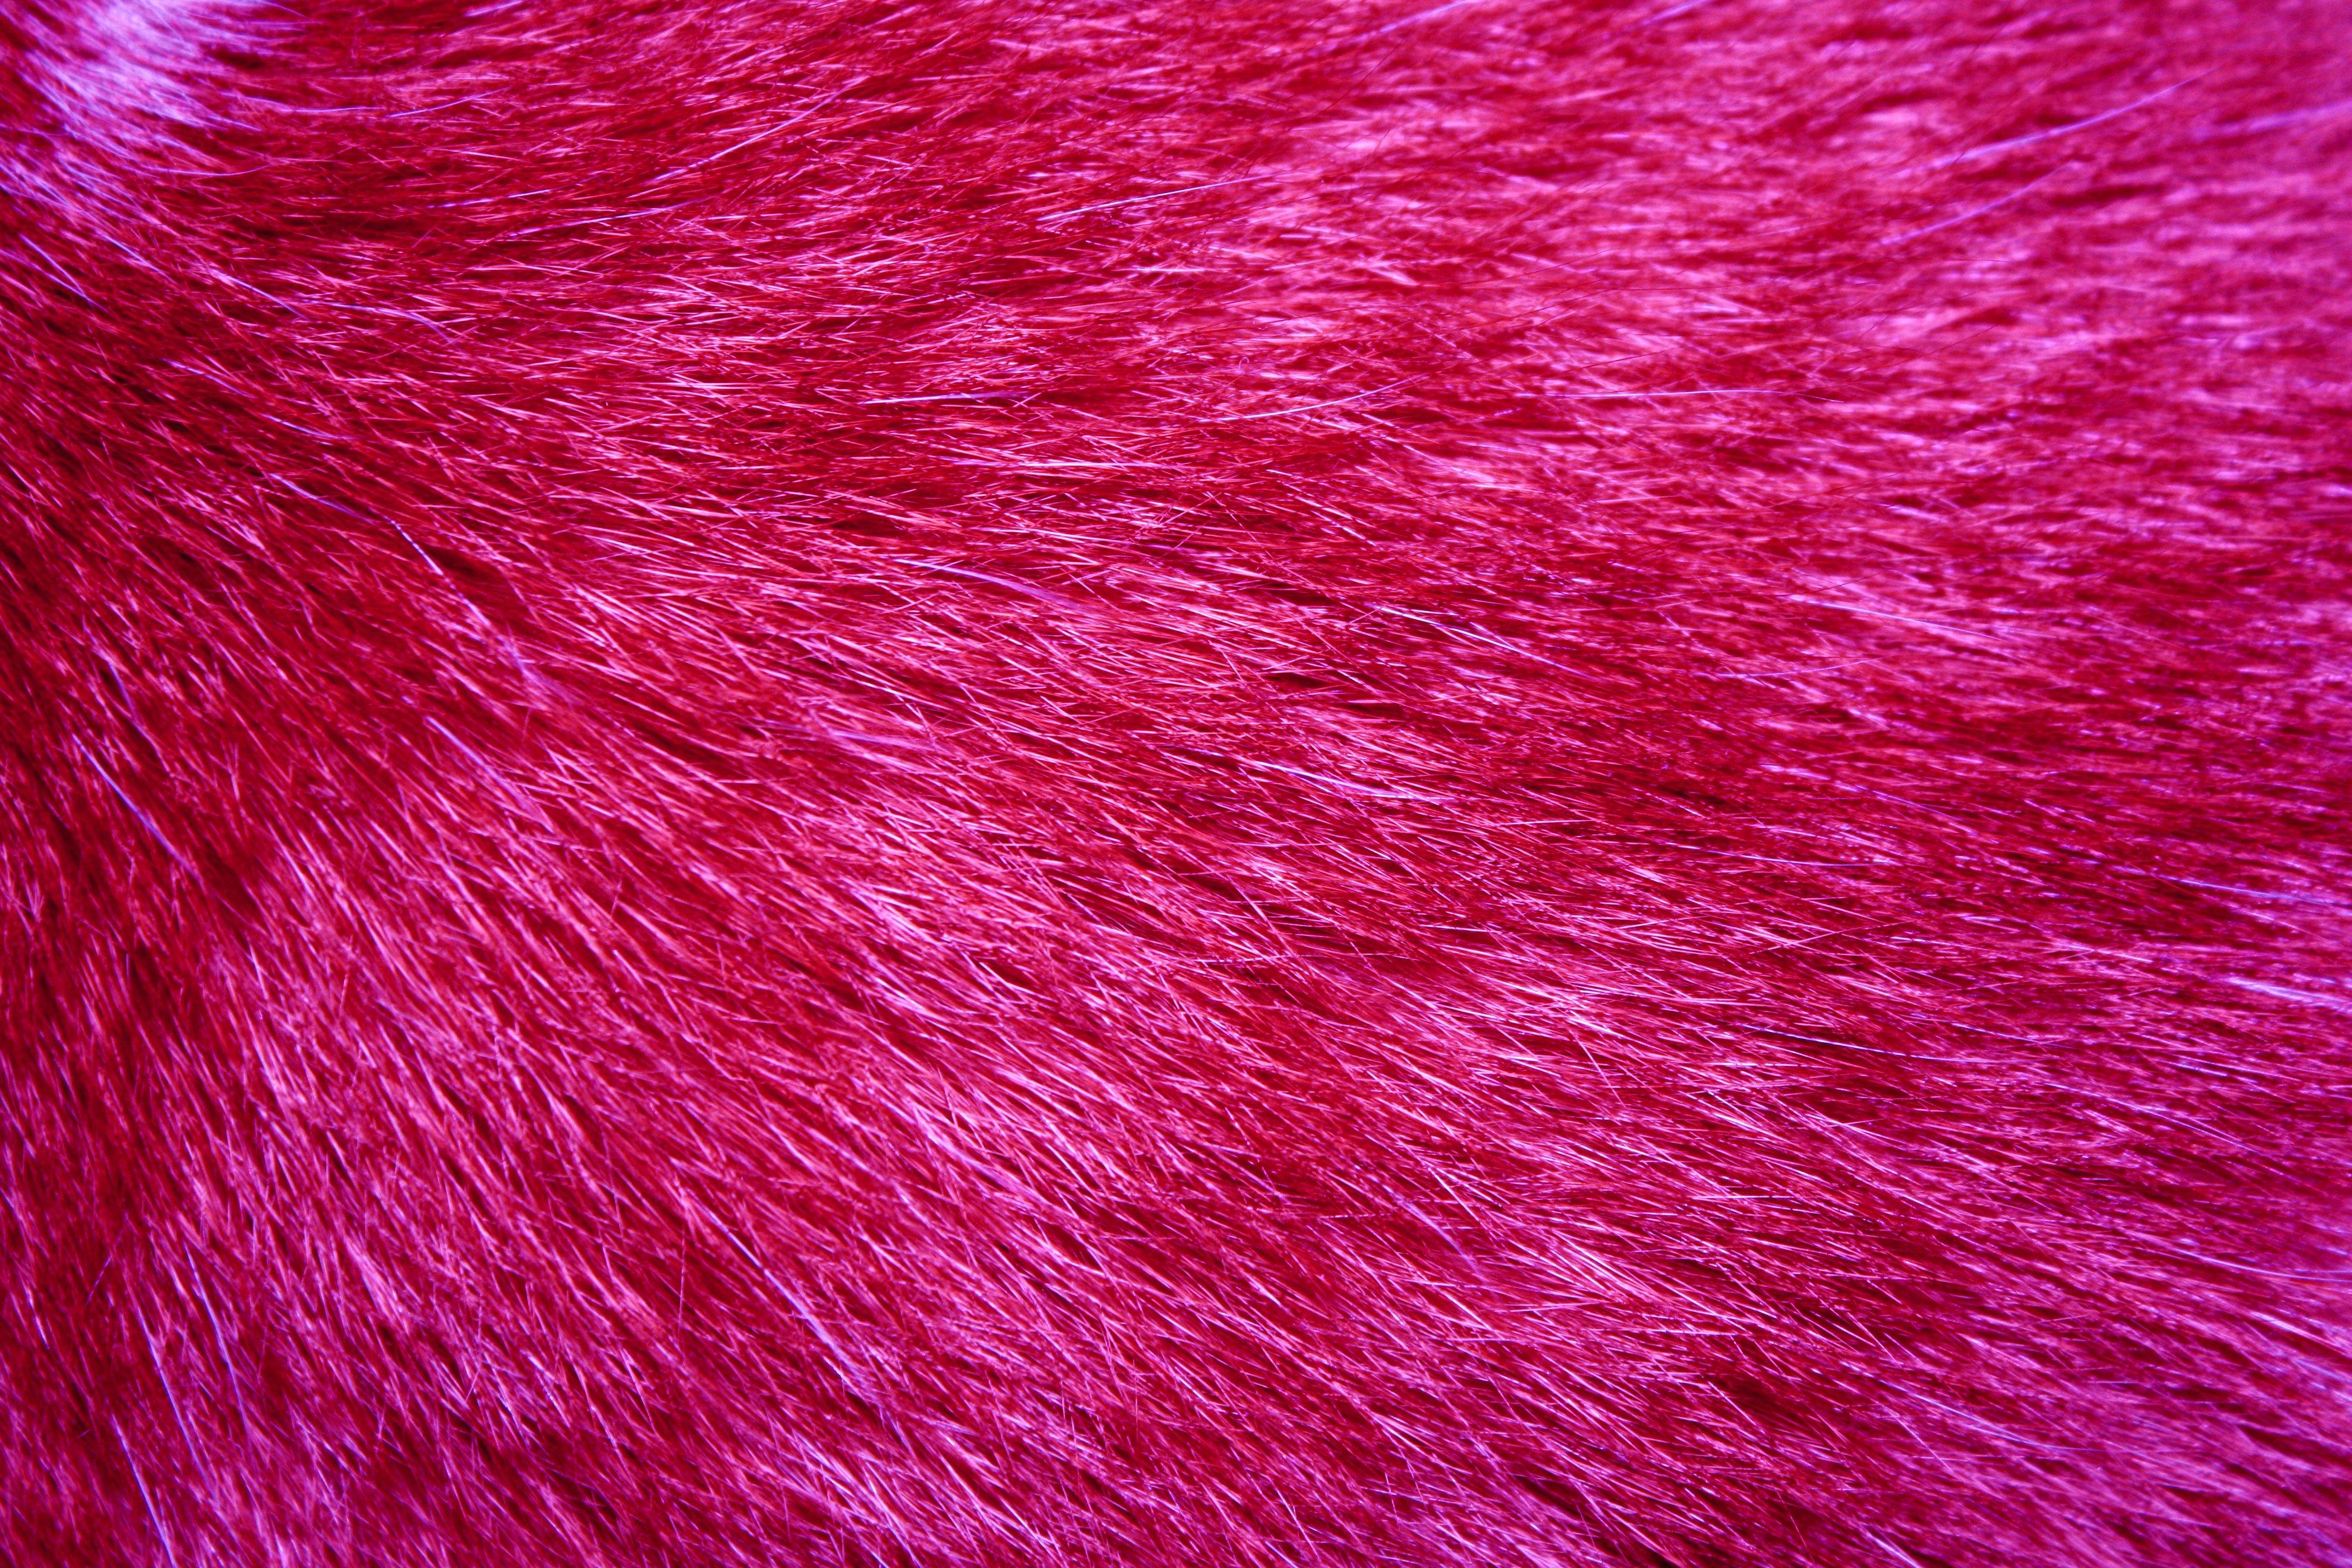 47 Pink Fur Wallpaper For Bedrooms On Wallpapersafari